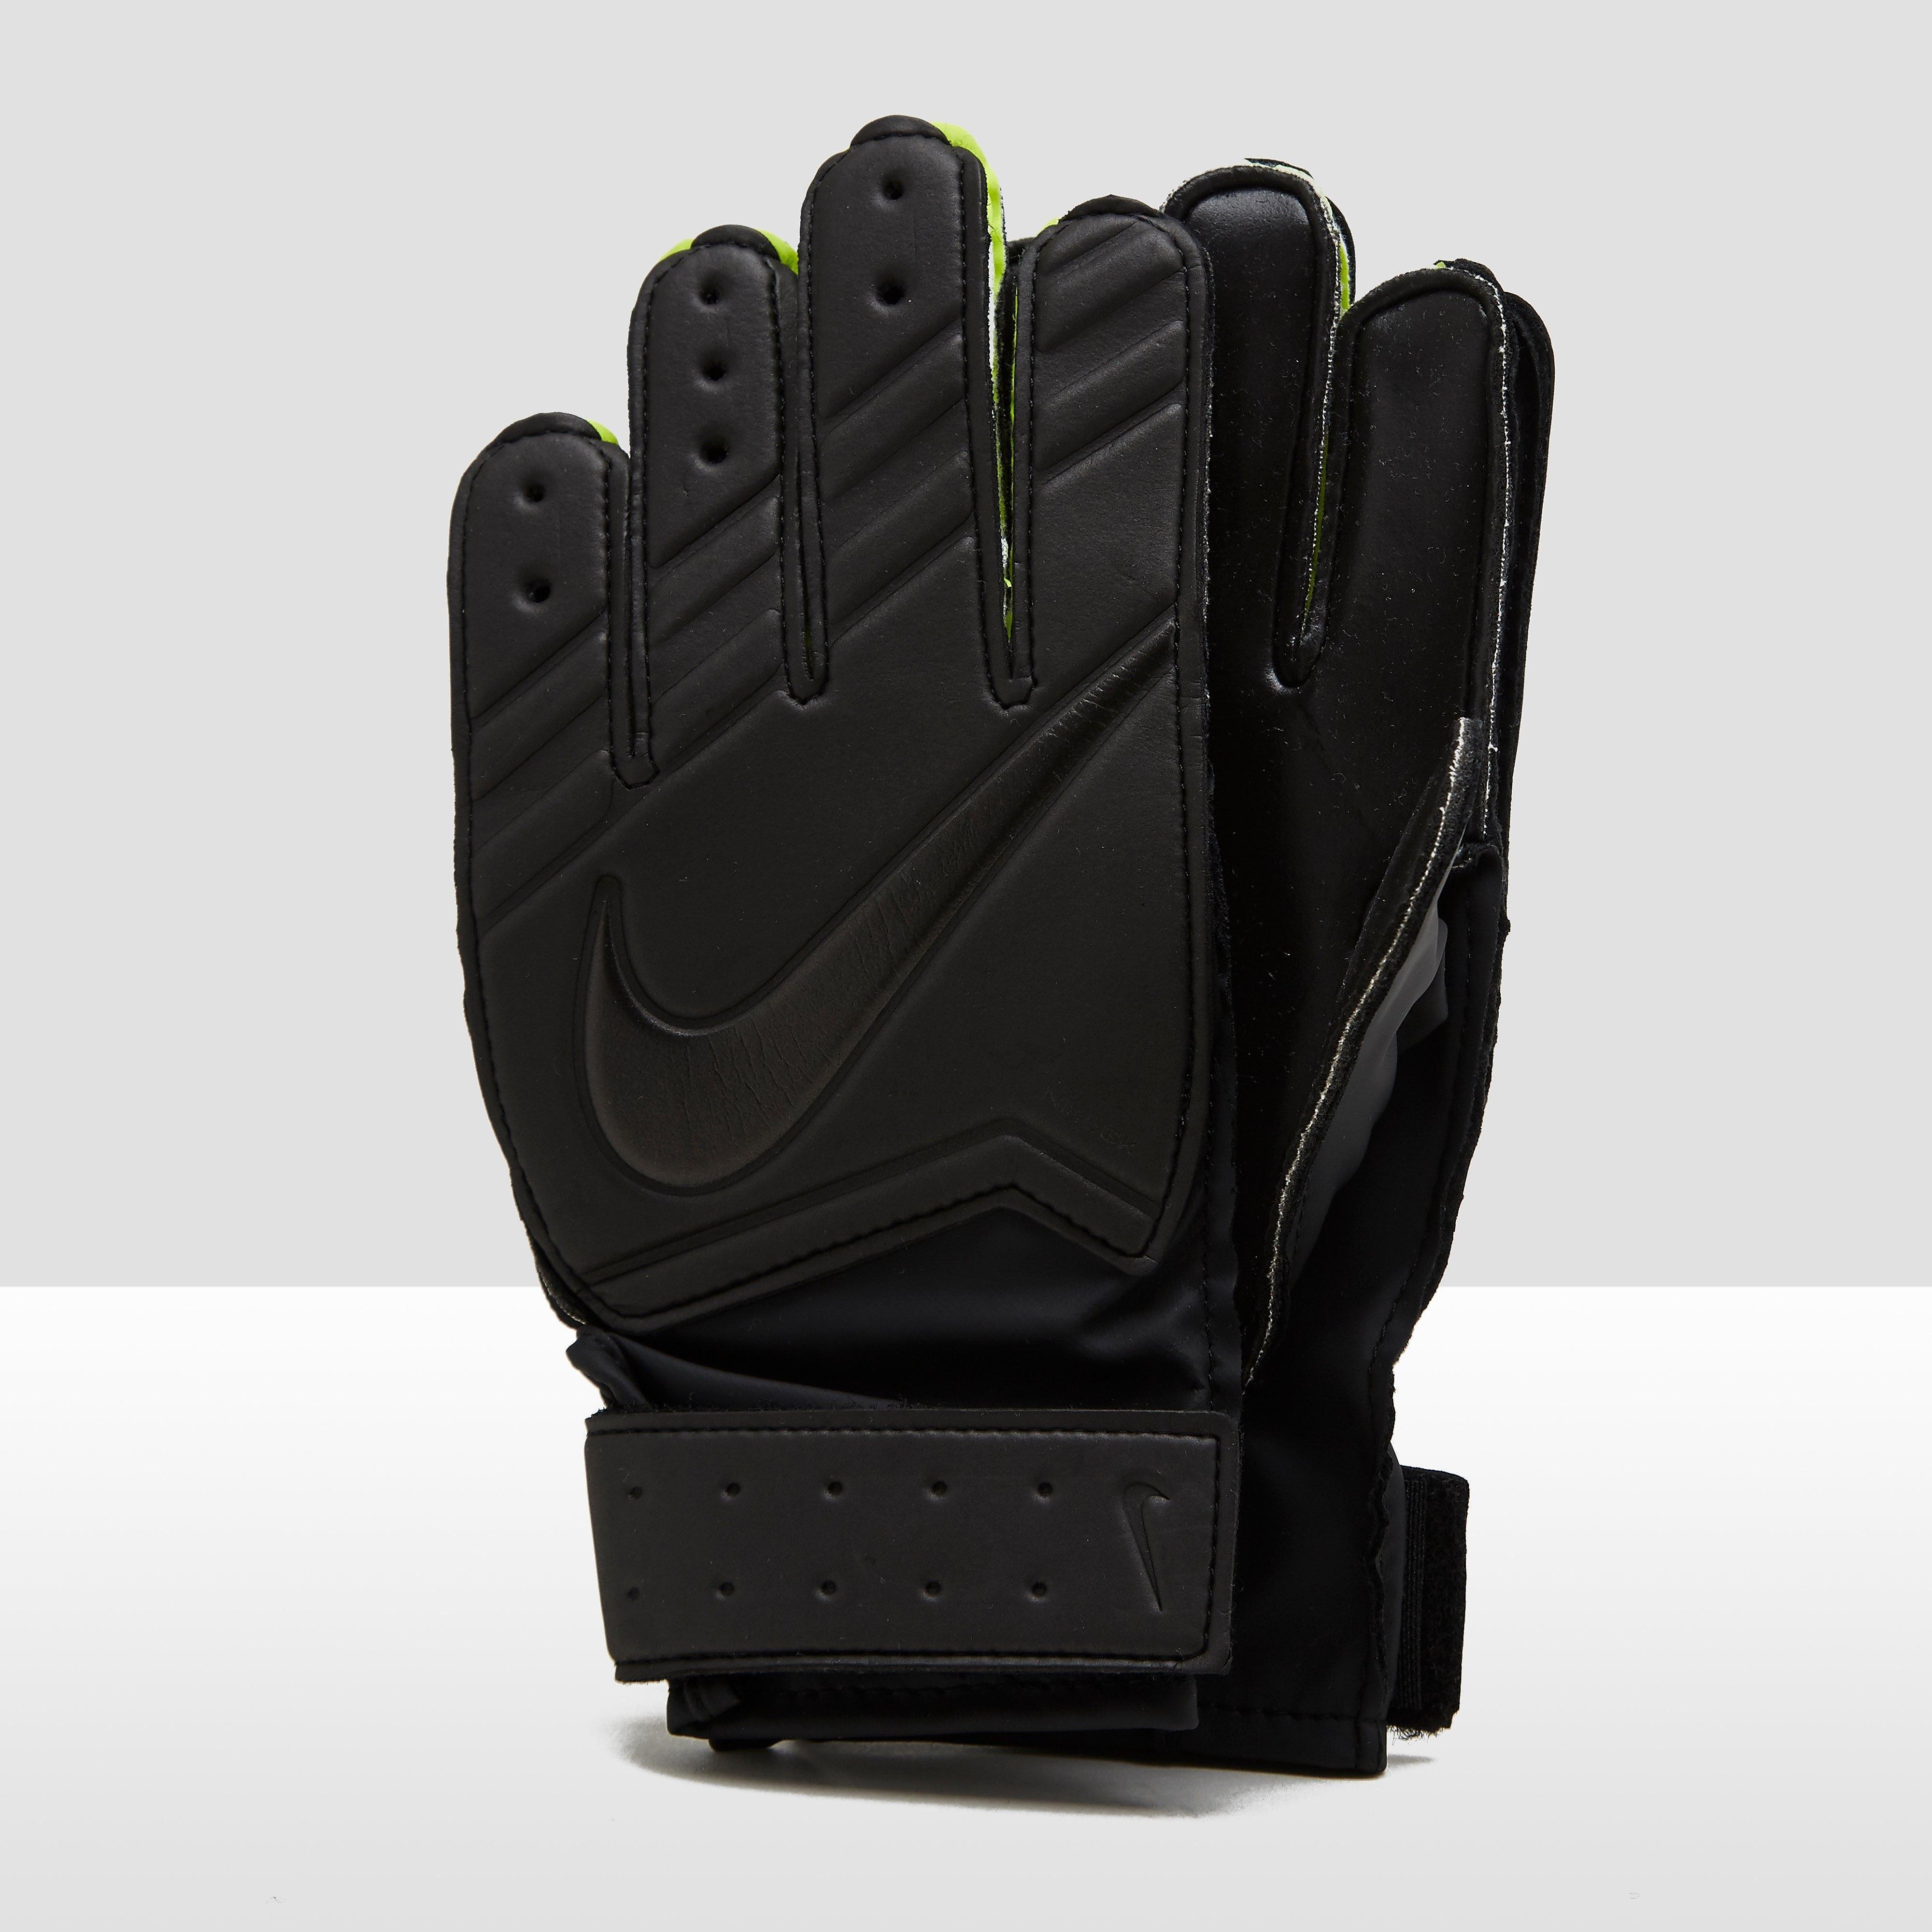 Match Fa16 Keepershandschoenen Zwart Kinderen. Size 5.0